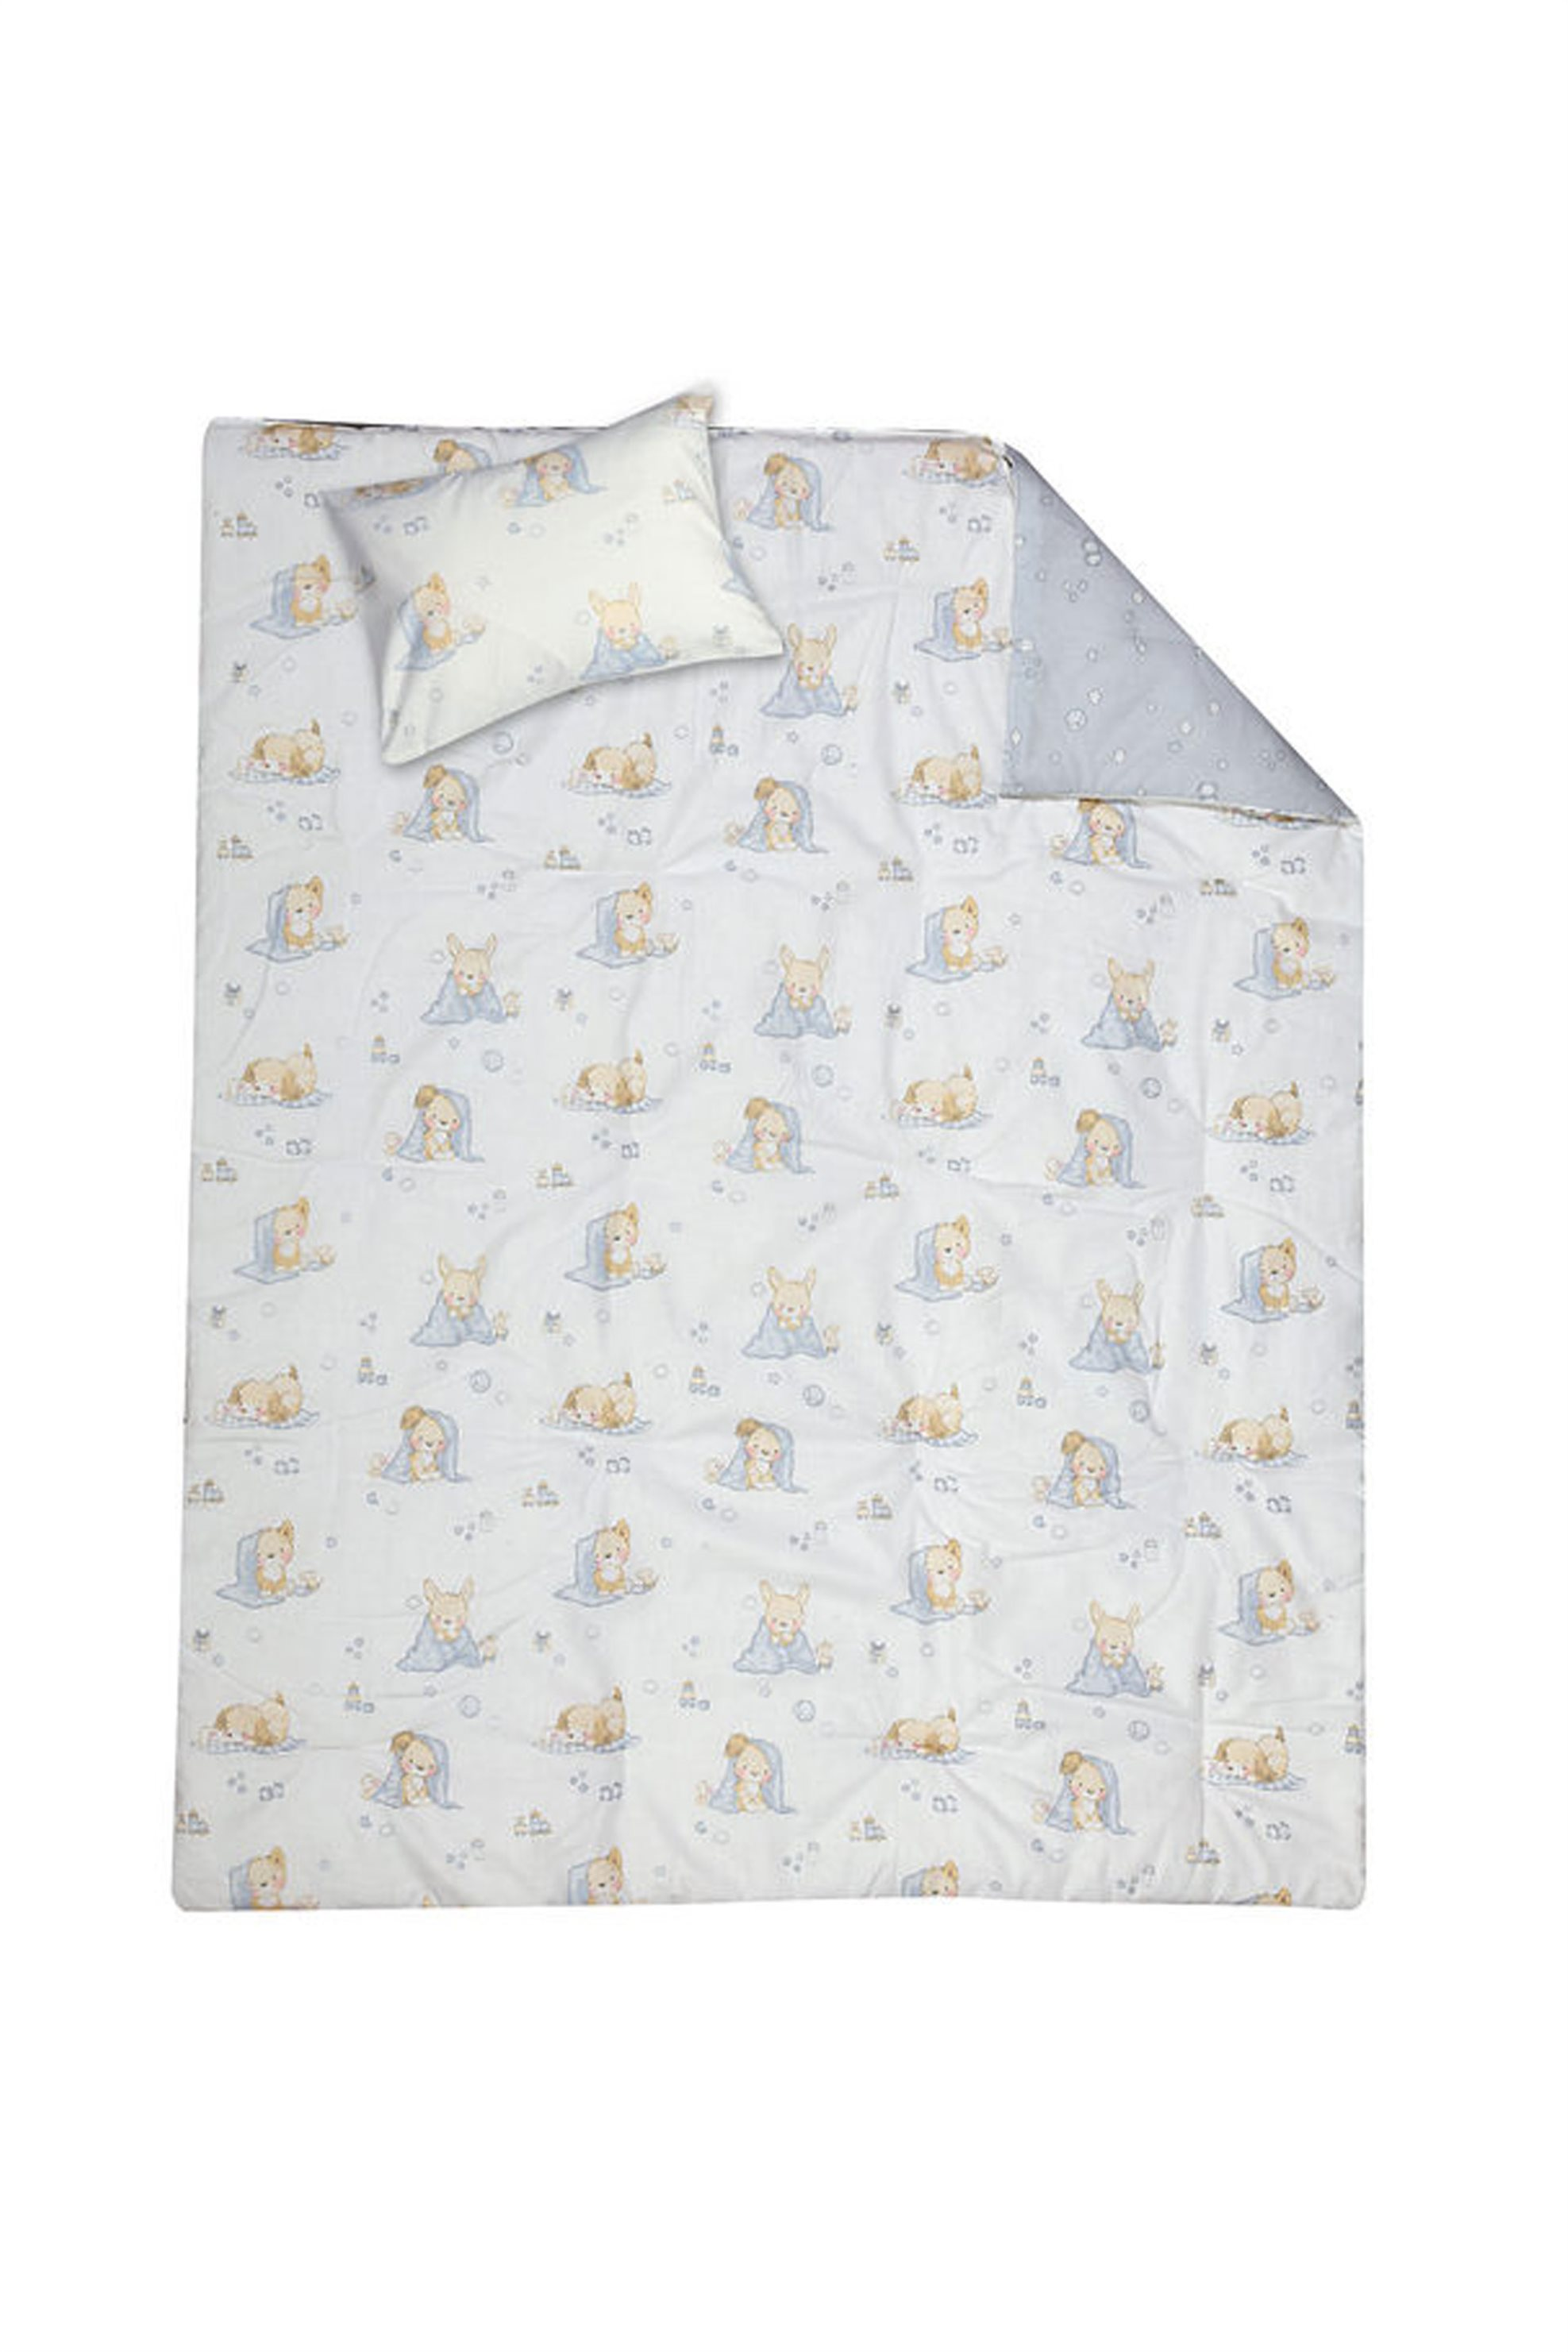 Σετ βρεφική παπλωματοθήκη Lovely Day (110x150 cm) NEF-NEF - 019781 - Λευκό home   παιδια   παπλωματοθήκες